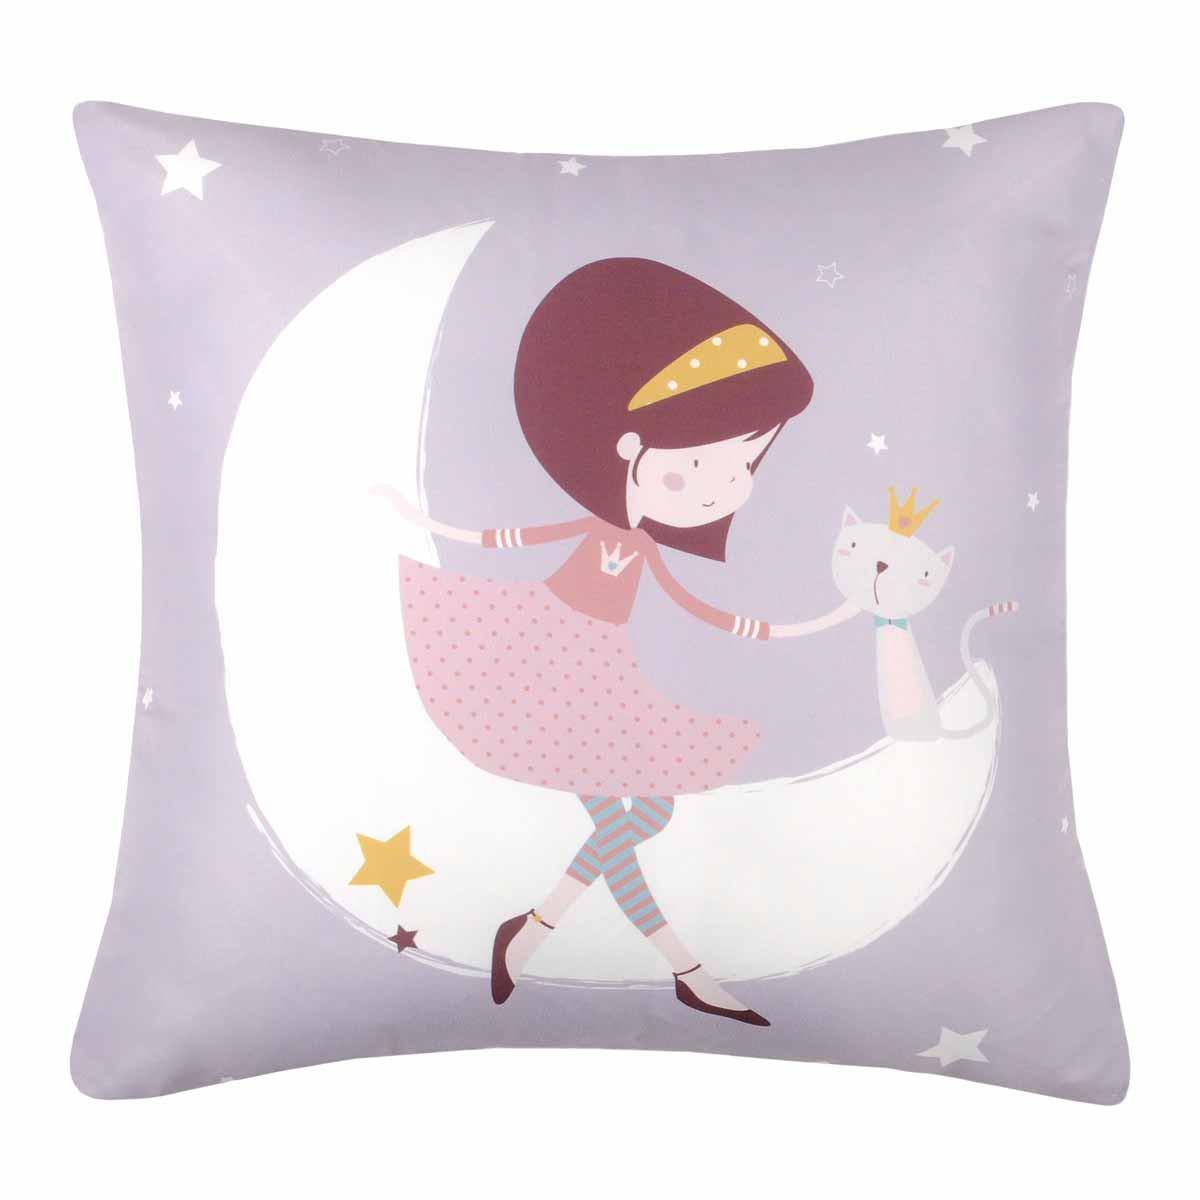 Διακοσμητικό Μαξιλάρι Louise Fille C05208002 home   παιδικά   διακοσμητικά μαξιλάρια παιδικά